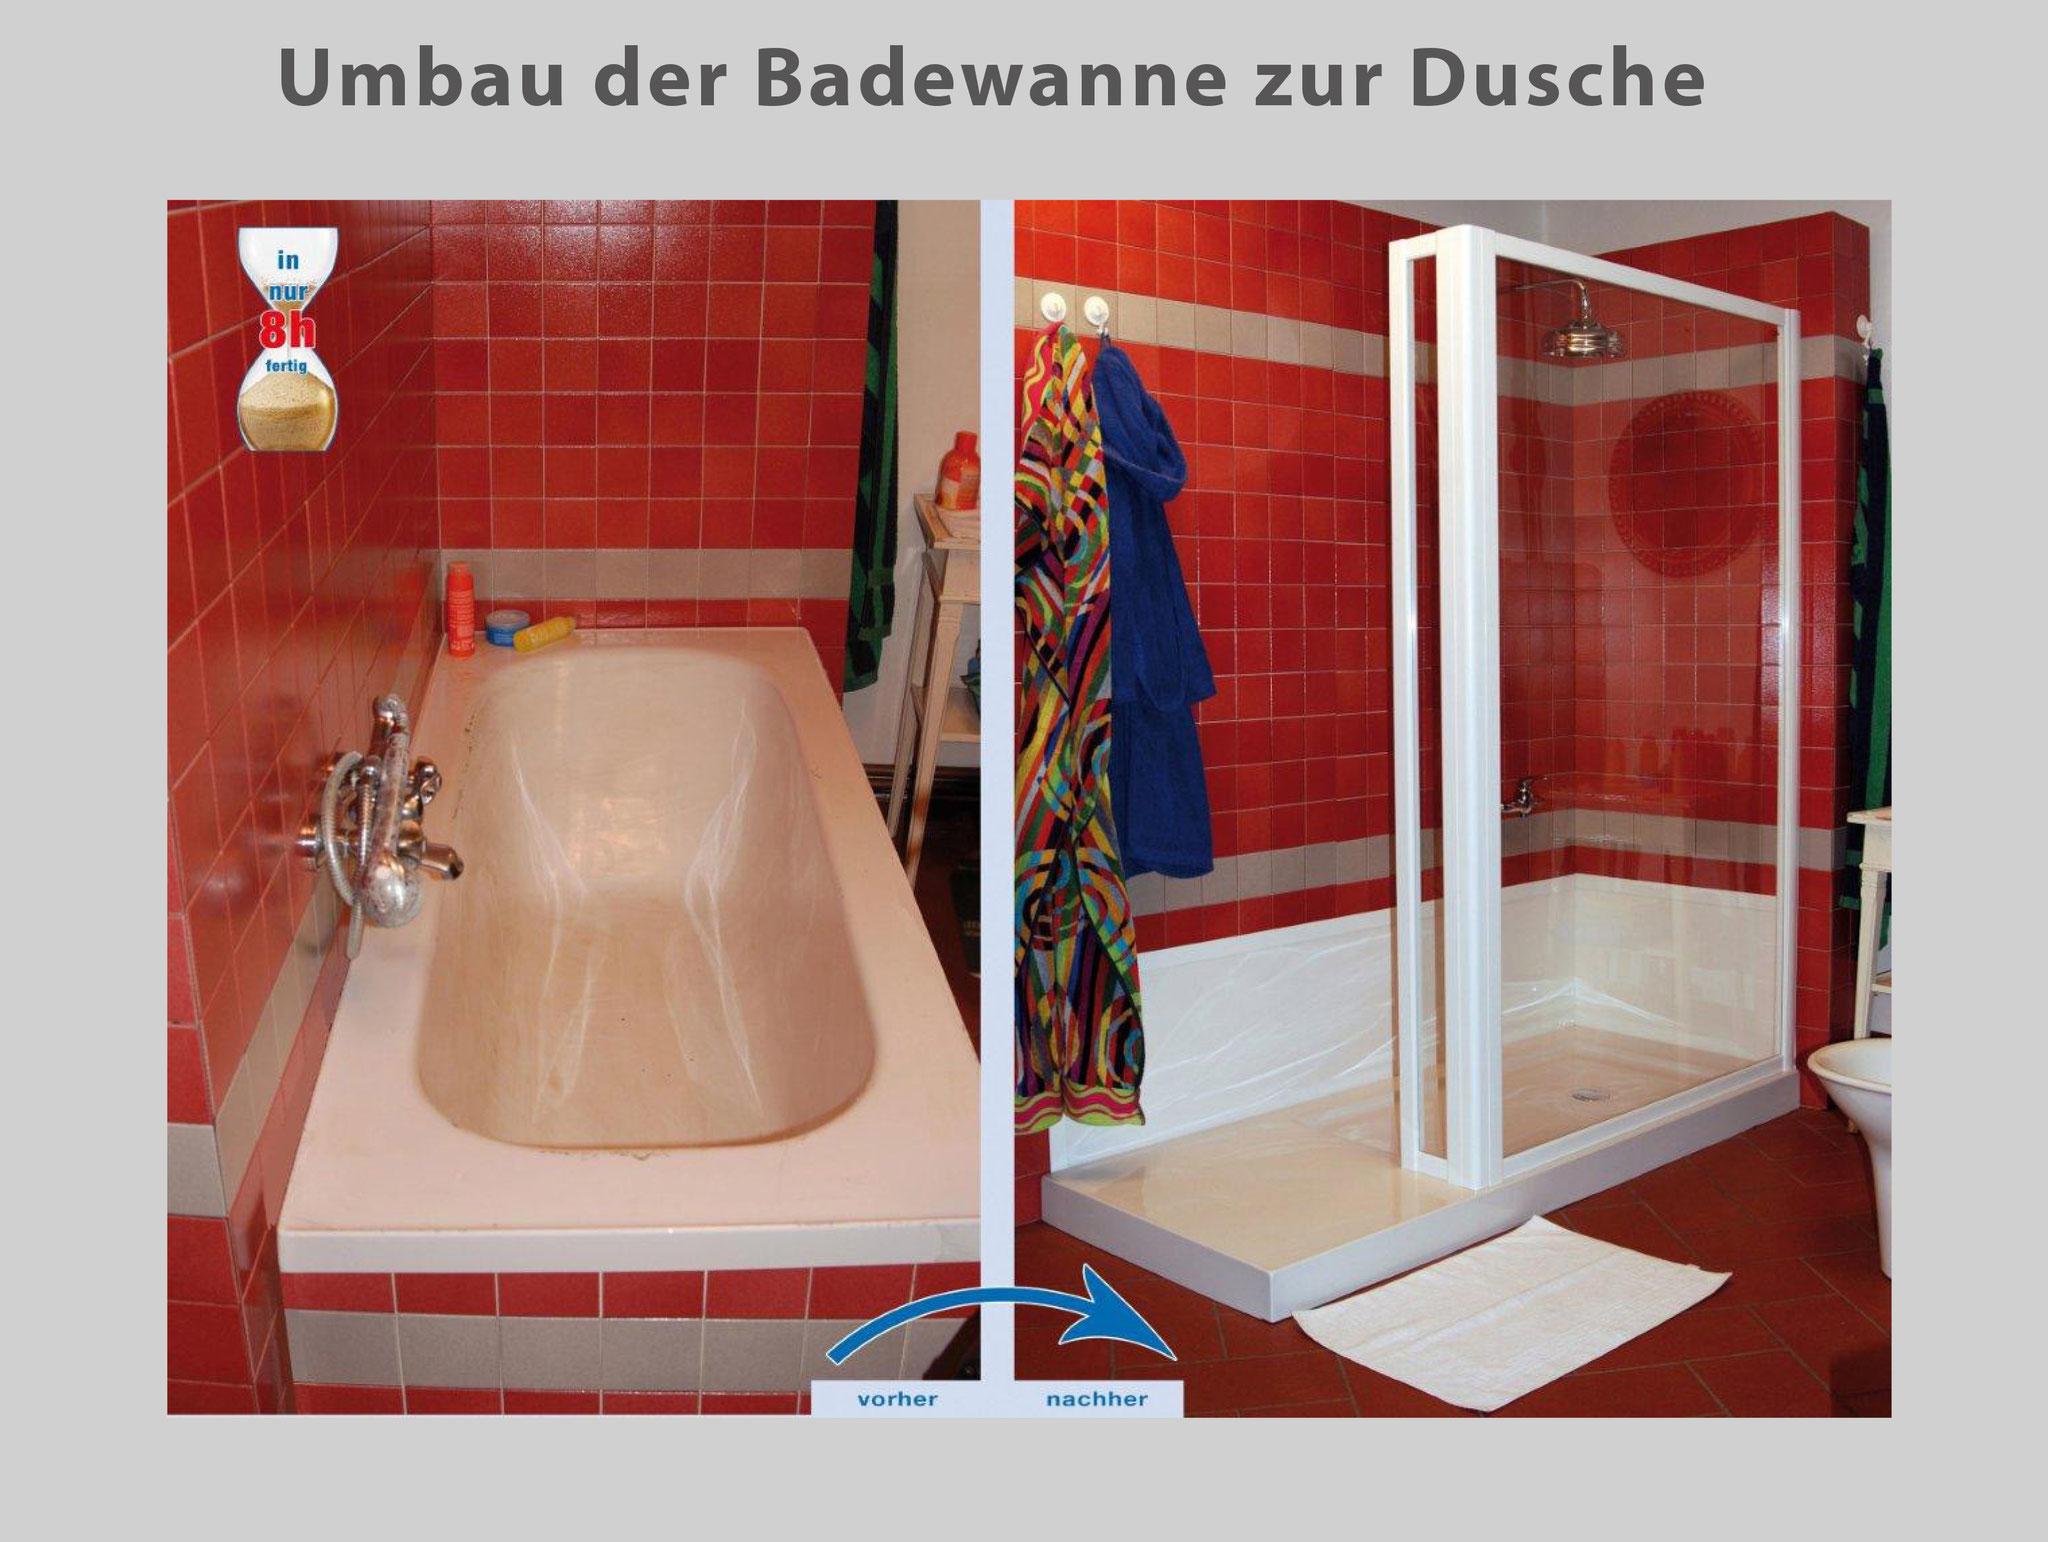 Full Size of Wanne Zur Dusche Badewanne Raus Rein Bad Fliesen Für Neues Kosten Ebenerdige Neue Fenster Badezimmer Einbauen Rainshower Mit Tür Und Grohe Thermostat Dusche Ebenerdige Dusche Kosten